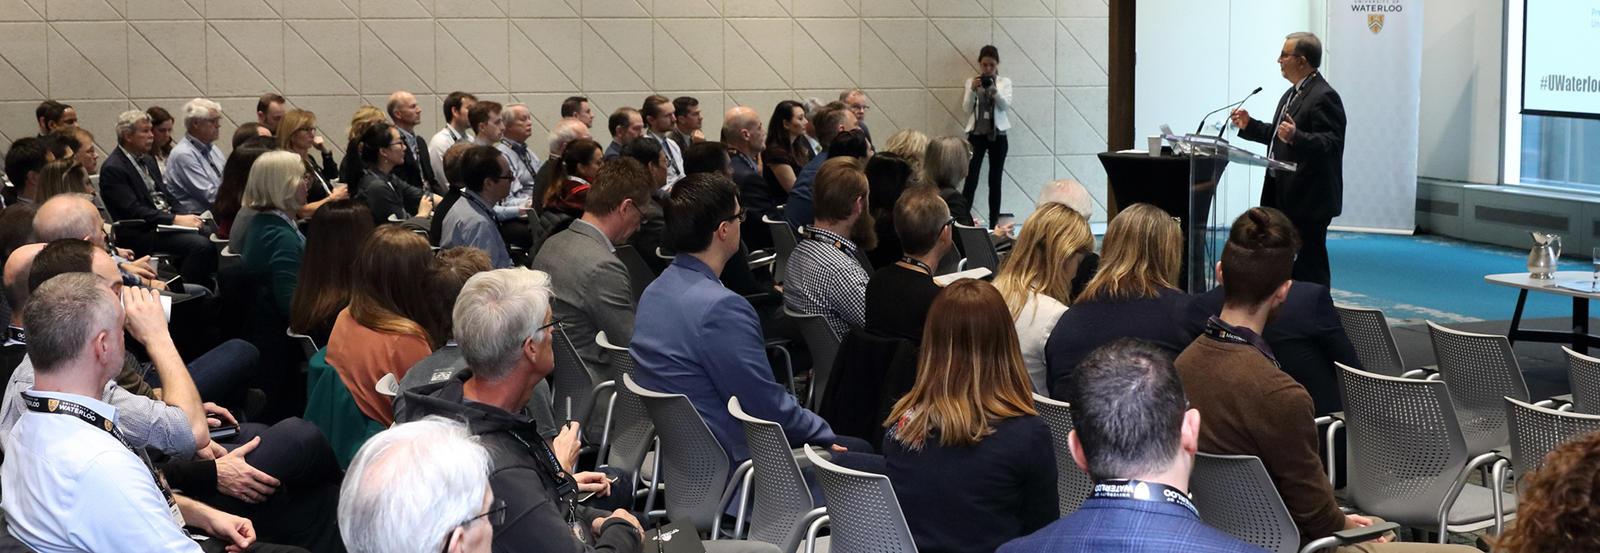 Feridun Hamdullahpur speaking at WIS Vancouver summit